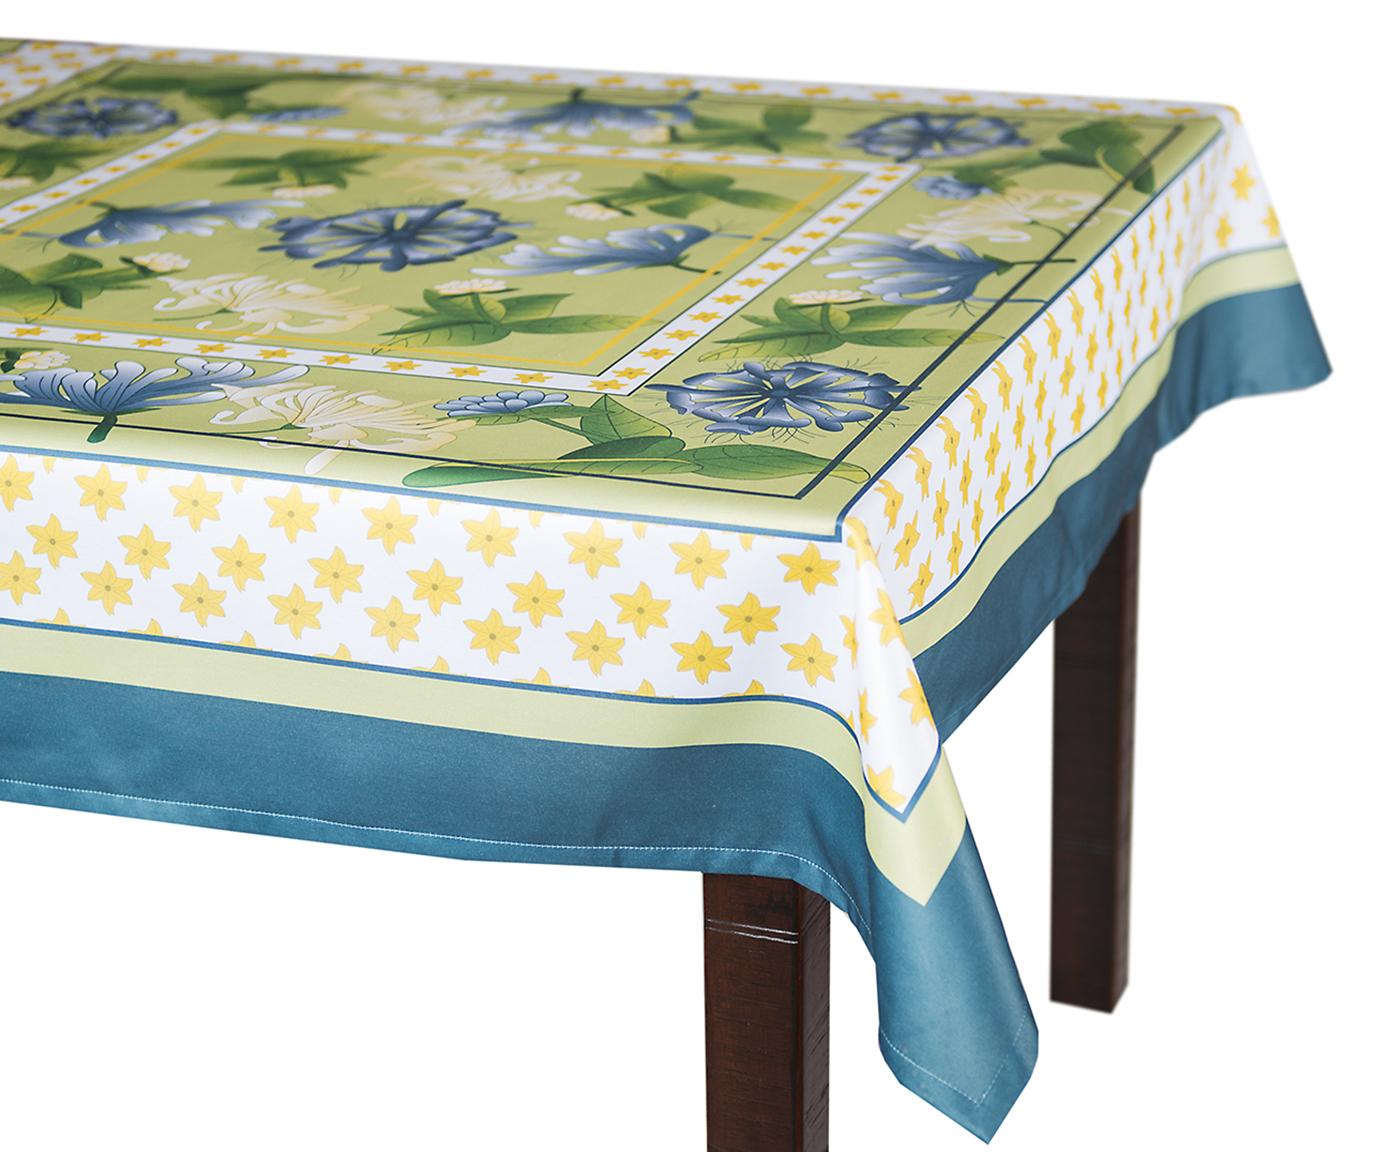 Кухня Скатерть 140x220 Blonder Home Spring зеленая skatert-140x220-blonder-home-spring-zelenaya-ssha-rossiya.jpg